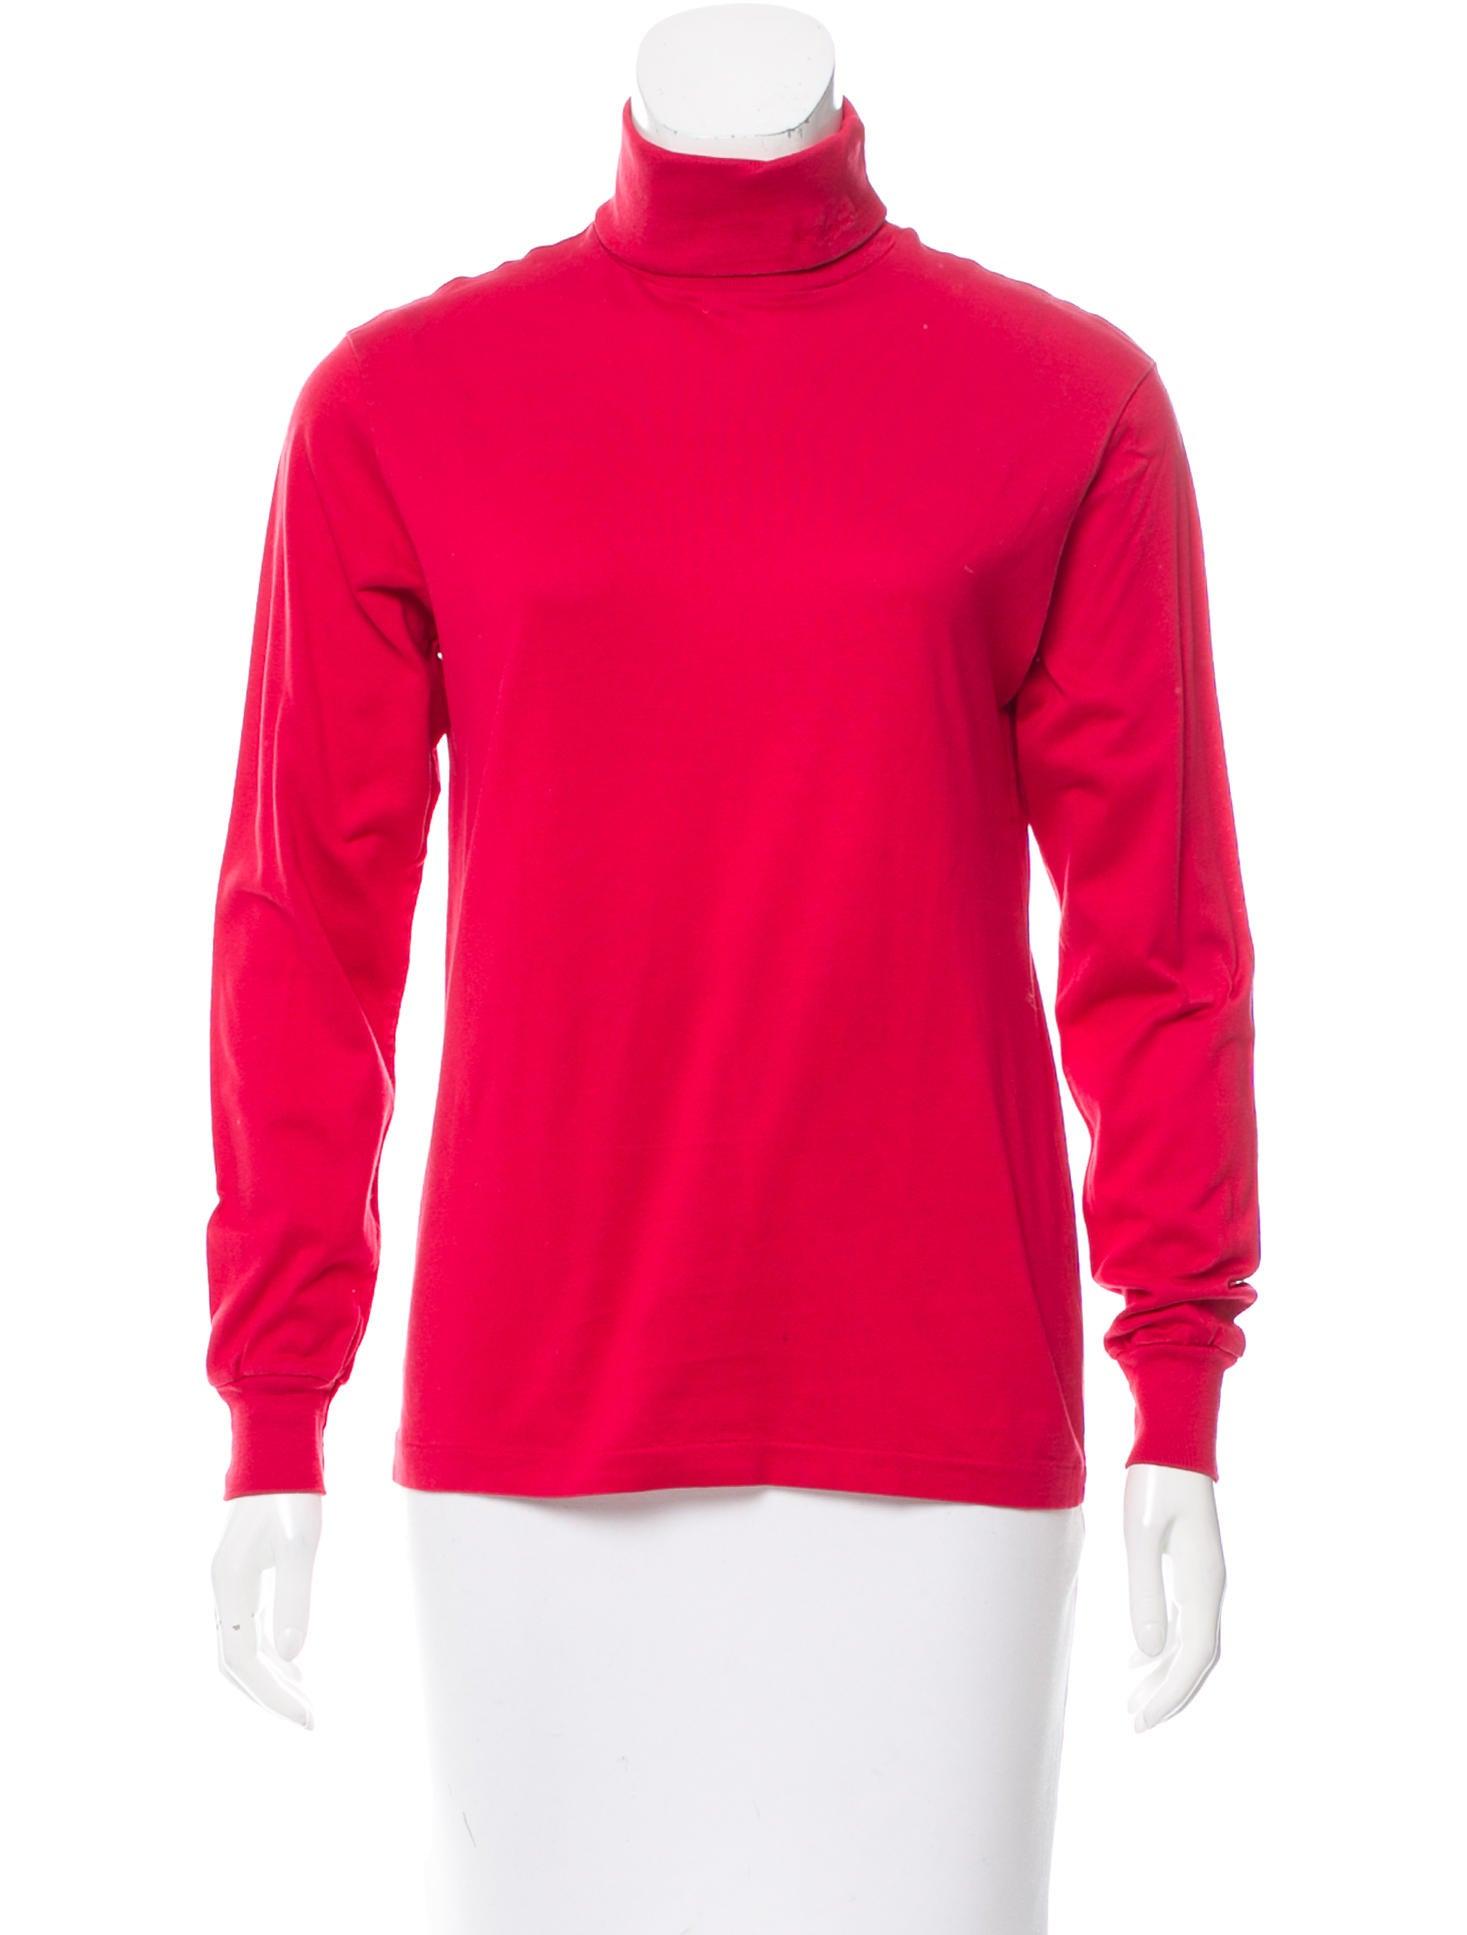 Bogner long sleeve turtleneck top clothing wb120398 for Long sleeve black turtleneck shirt